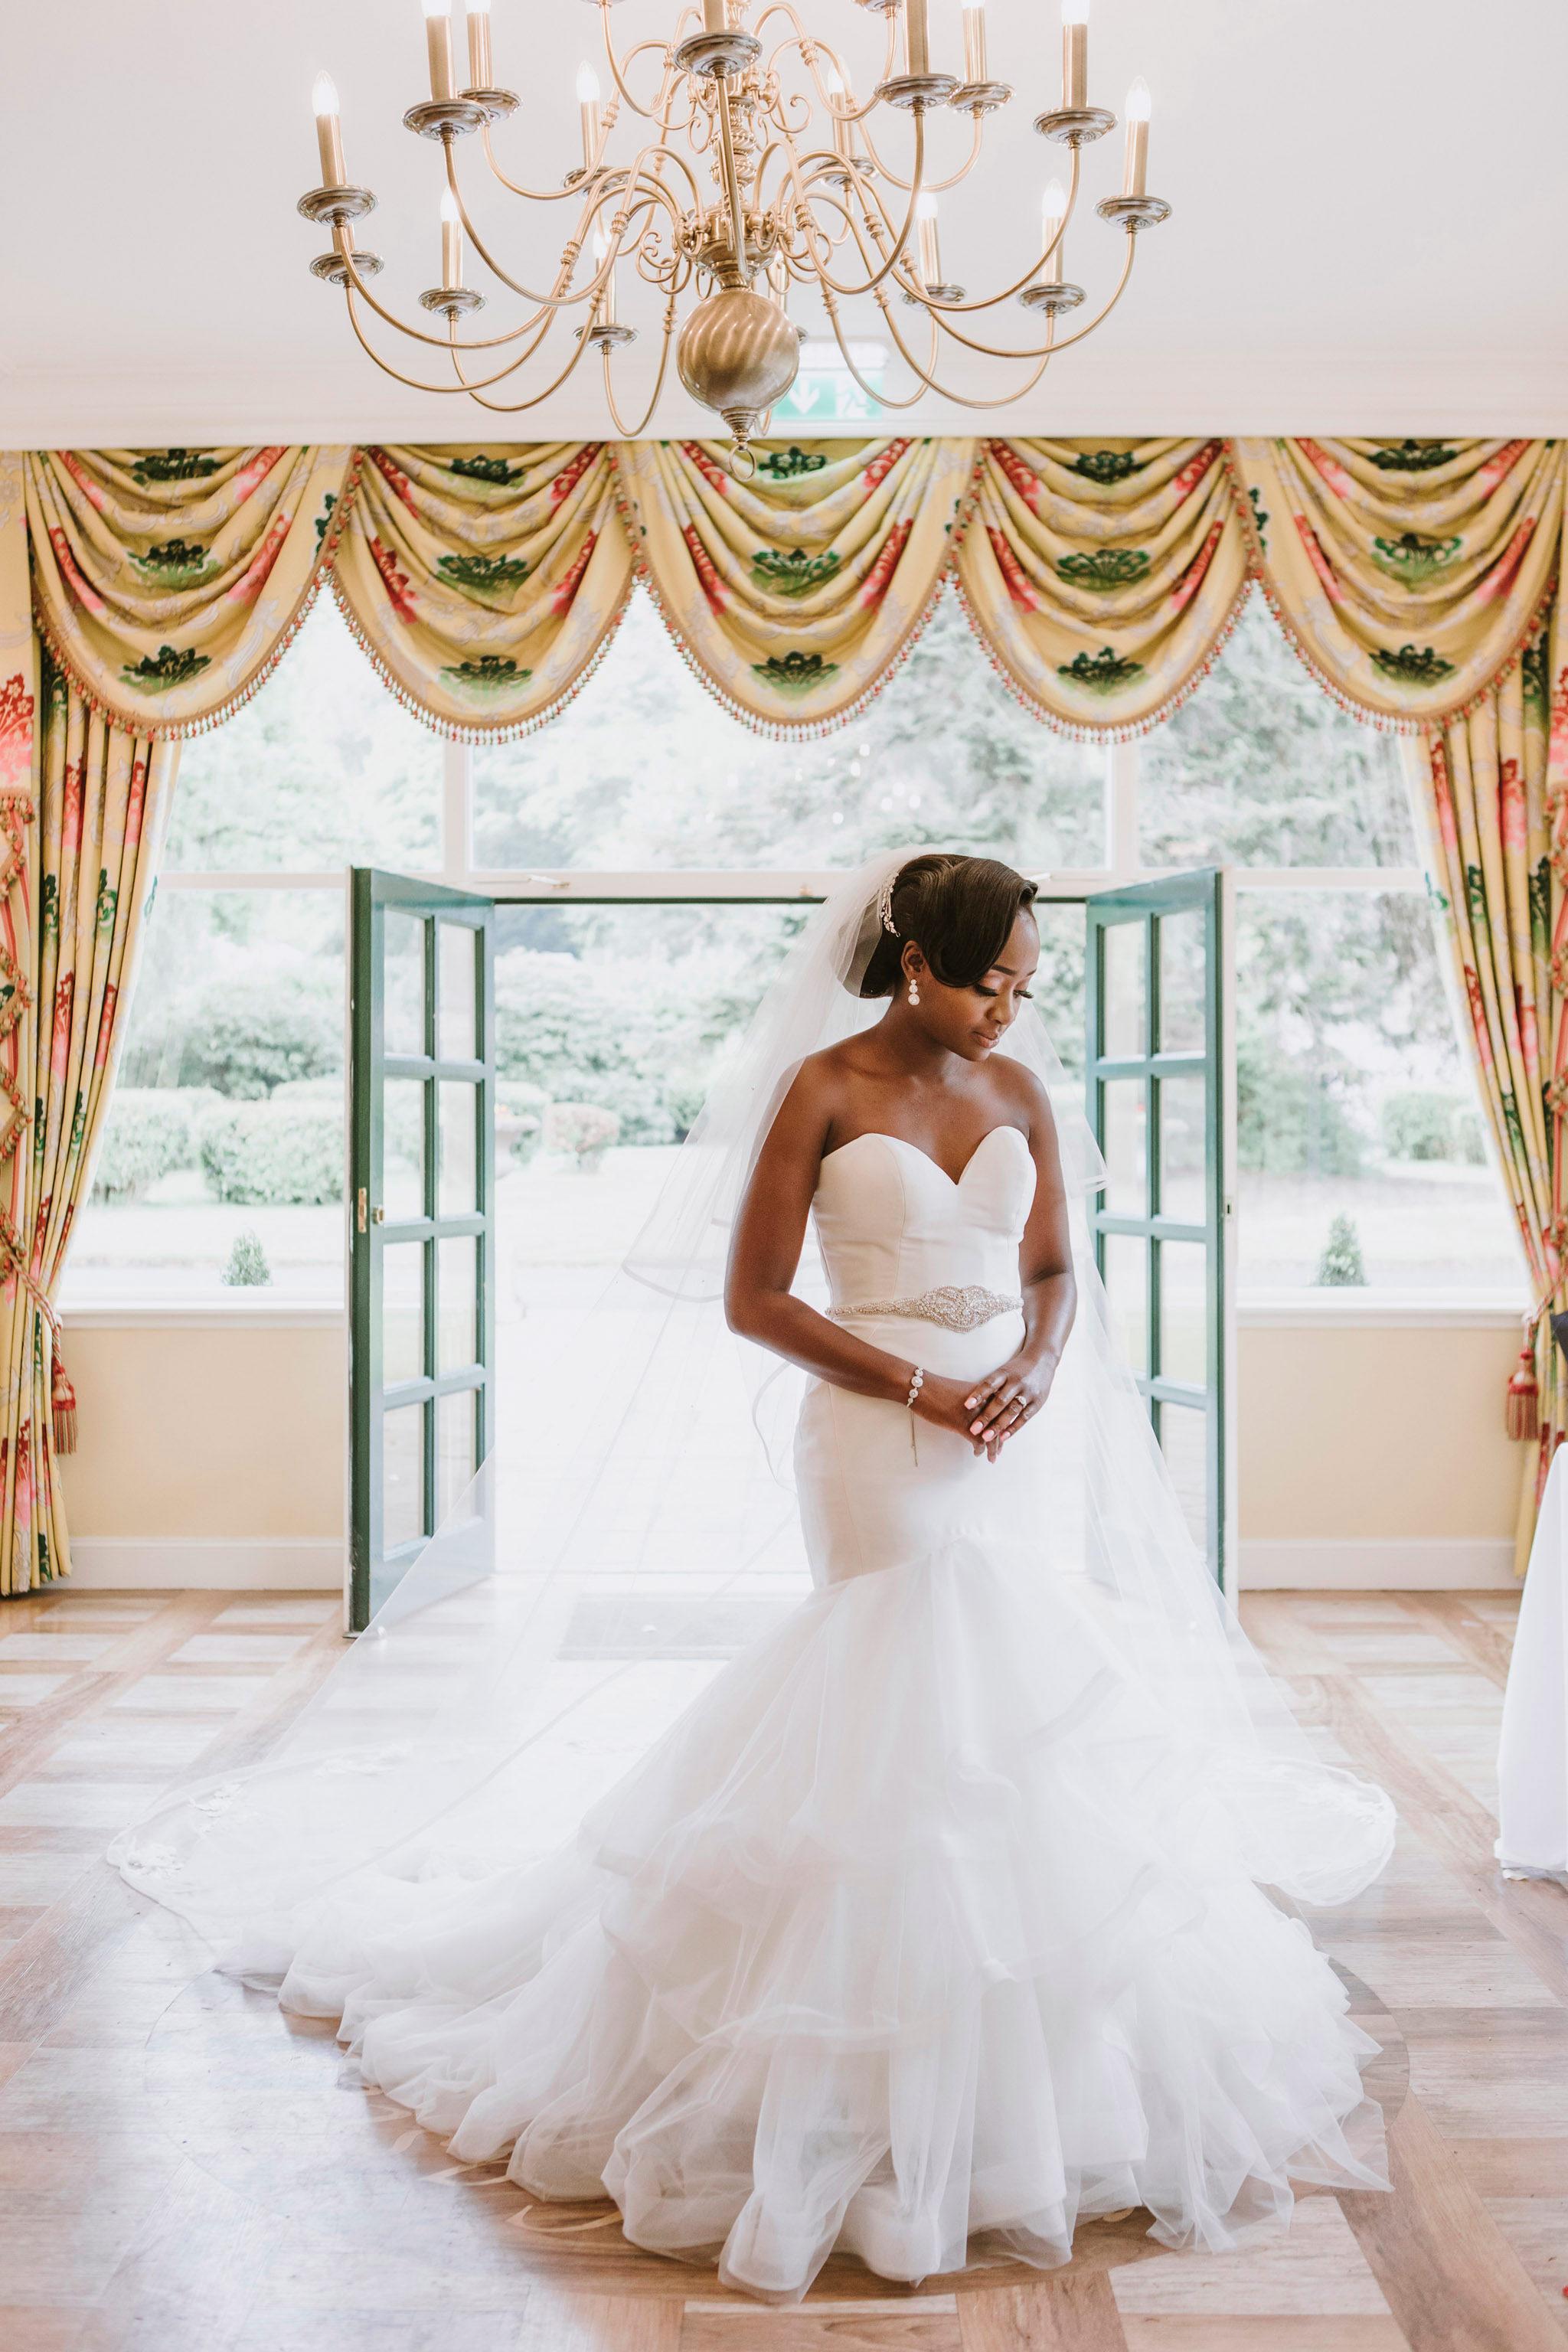 scotland-wedding-elopement-photographer-066.jpg